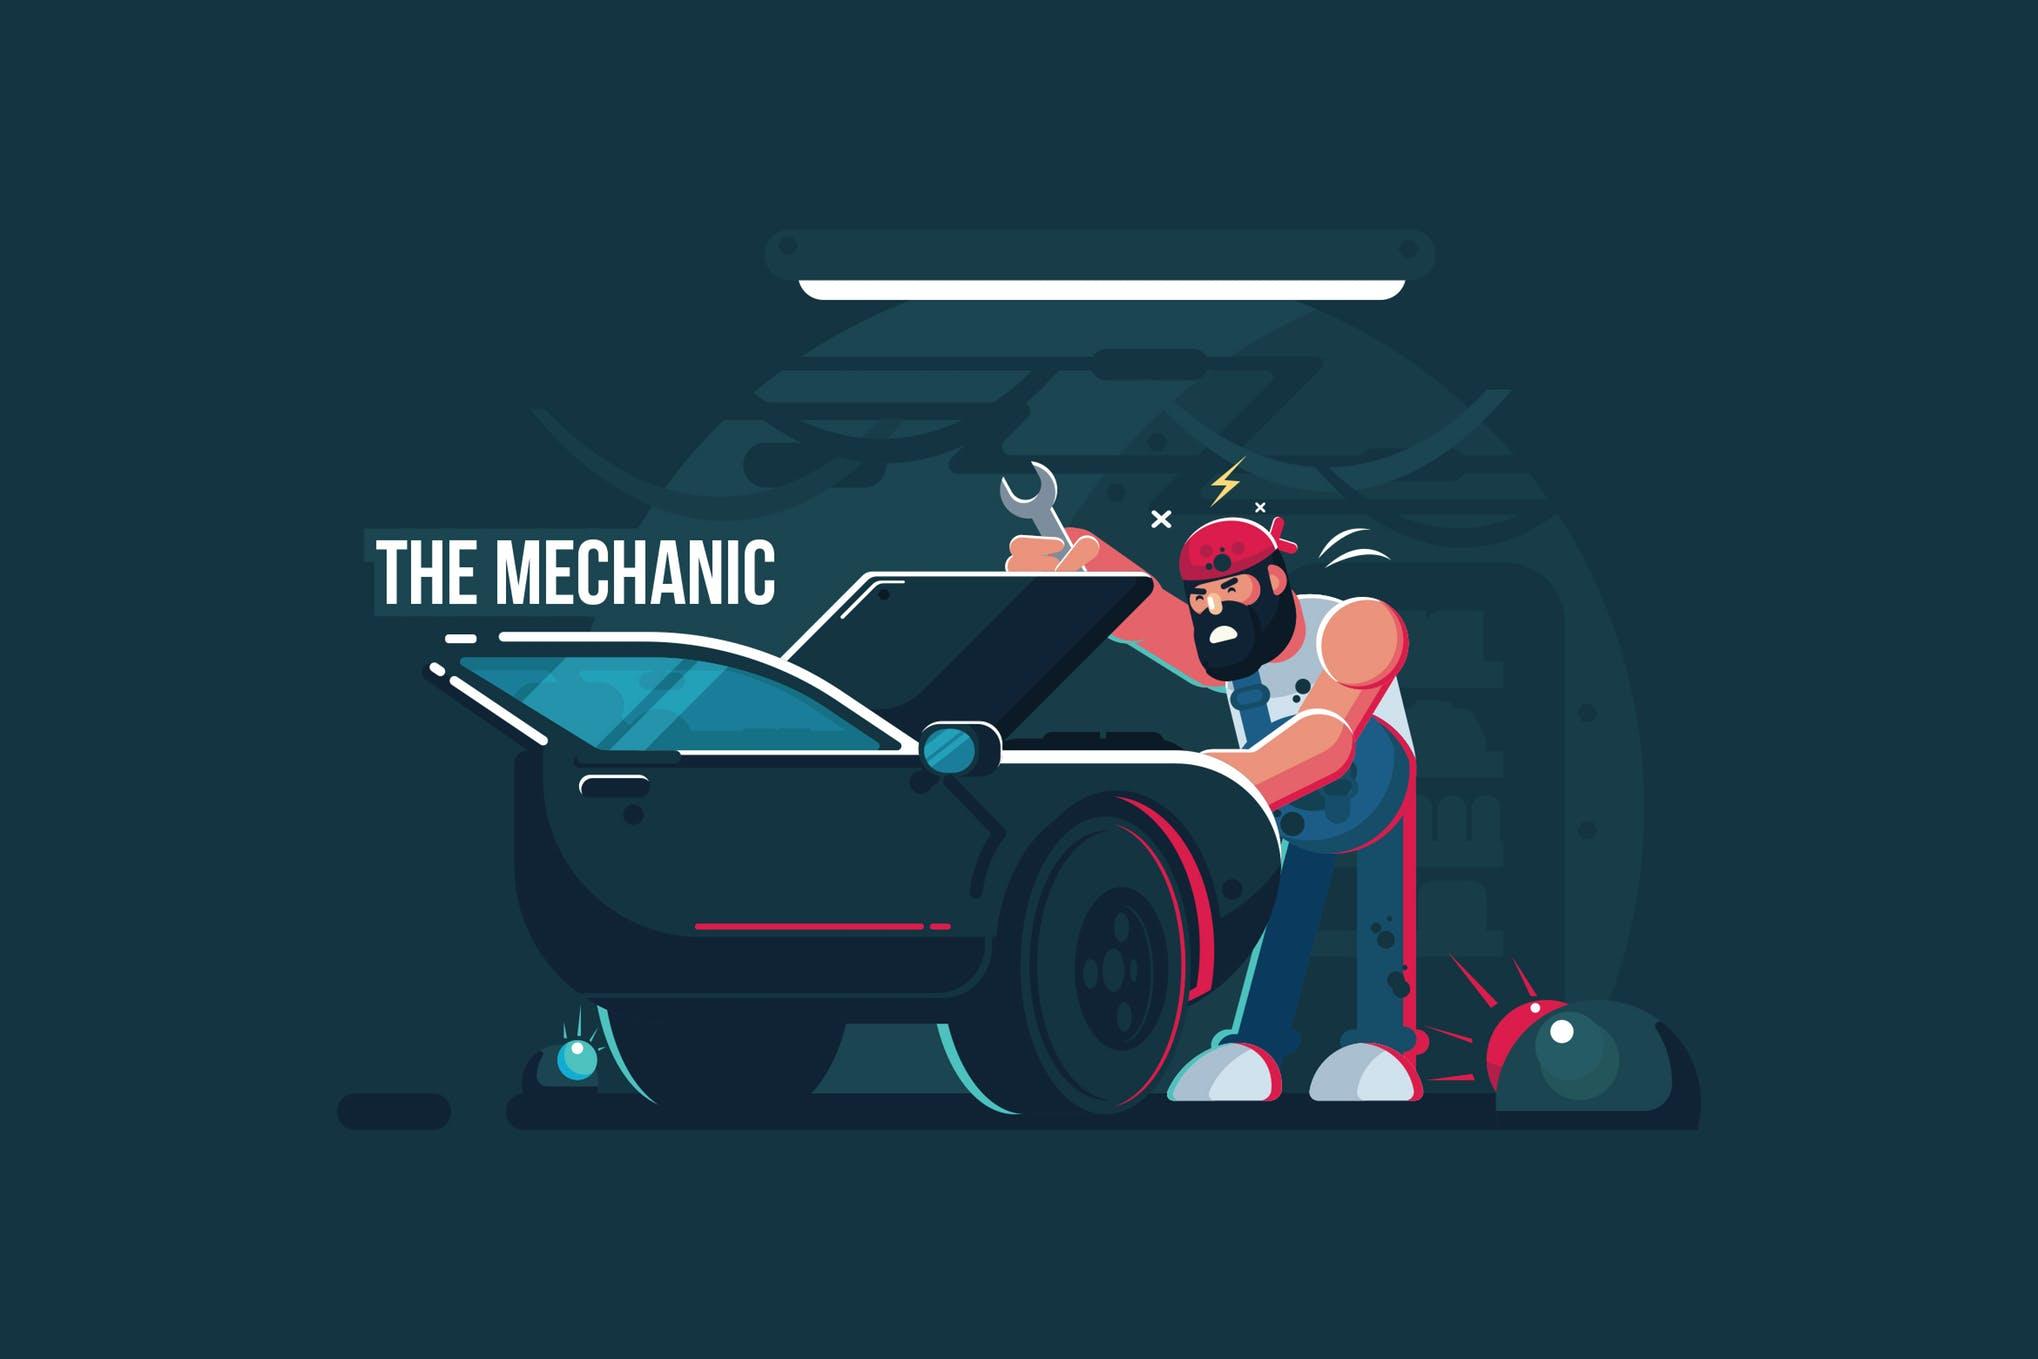 维修工场景创意插画素材下载The Mechanic - Vector Activity